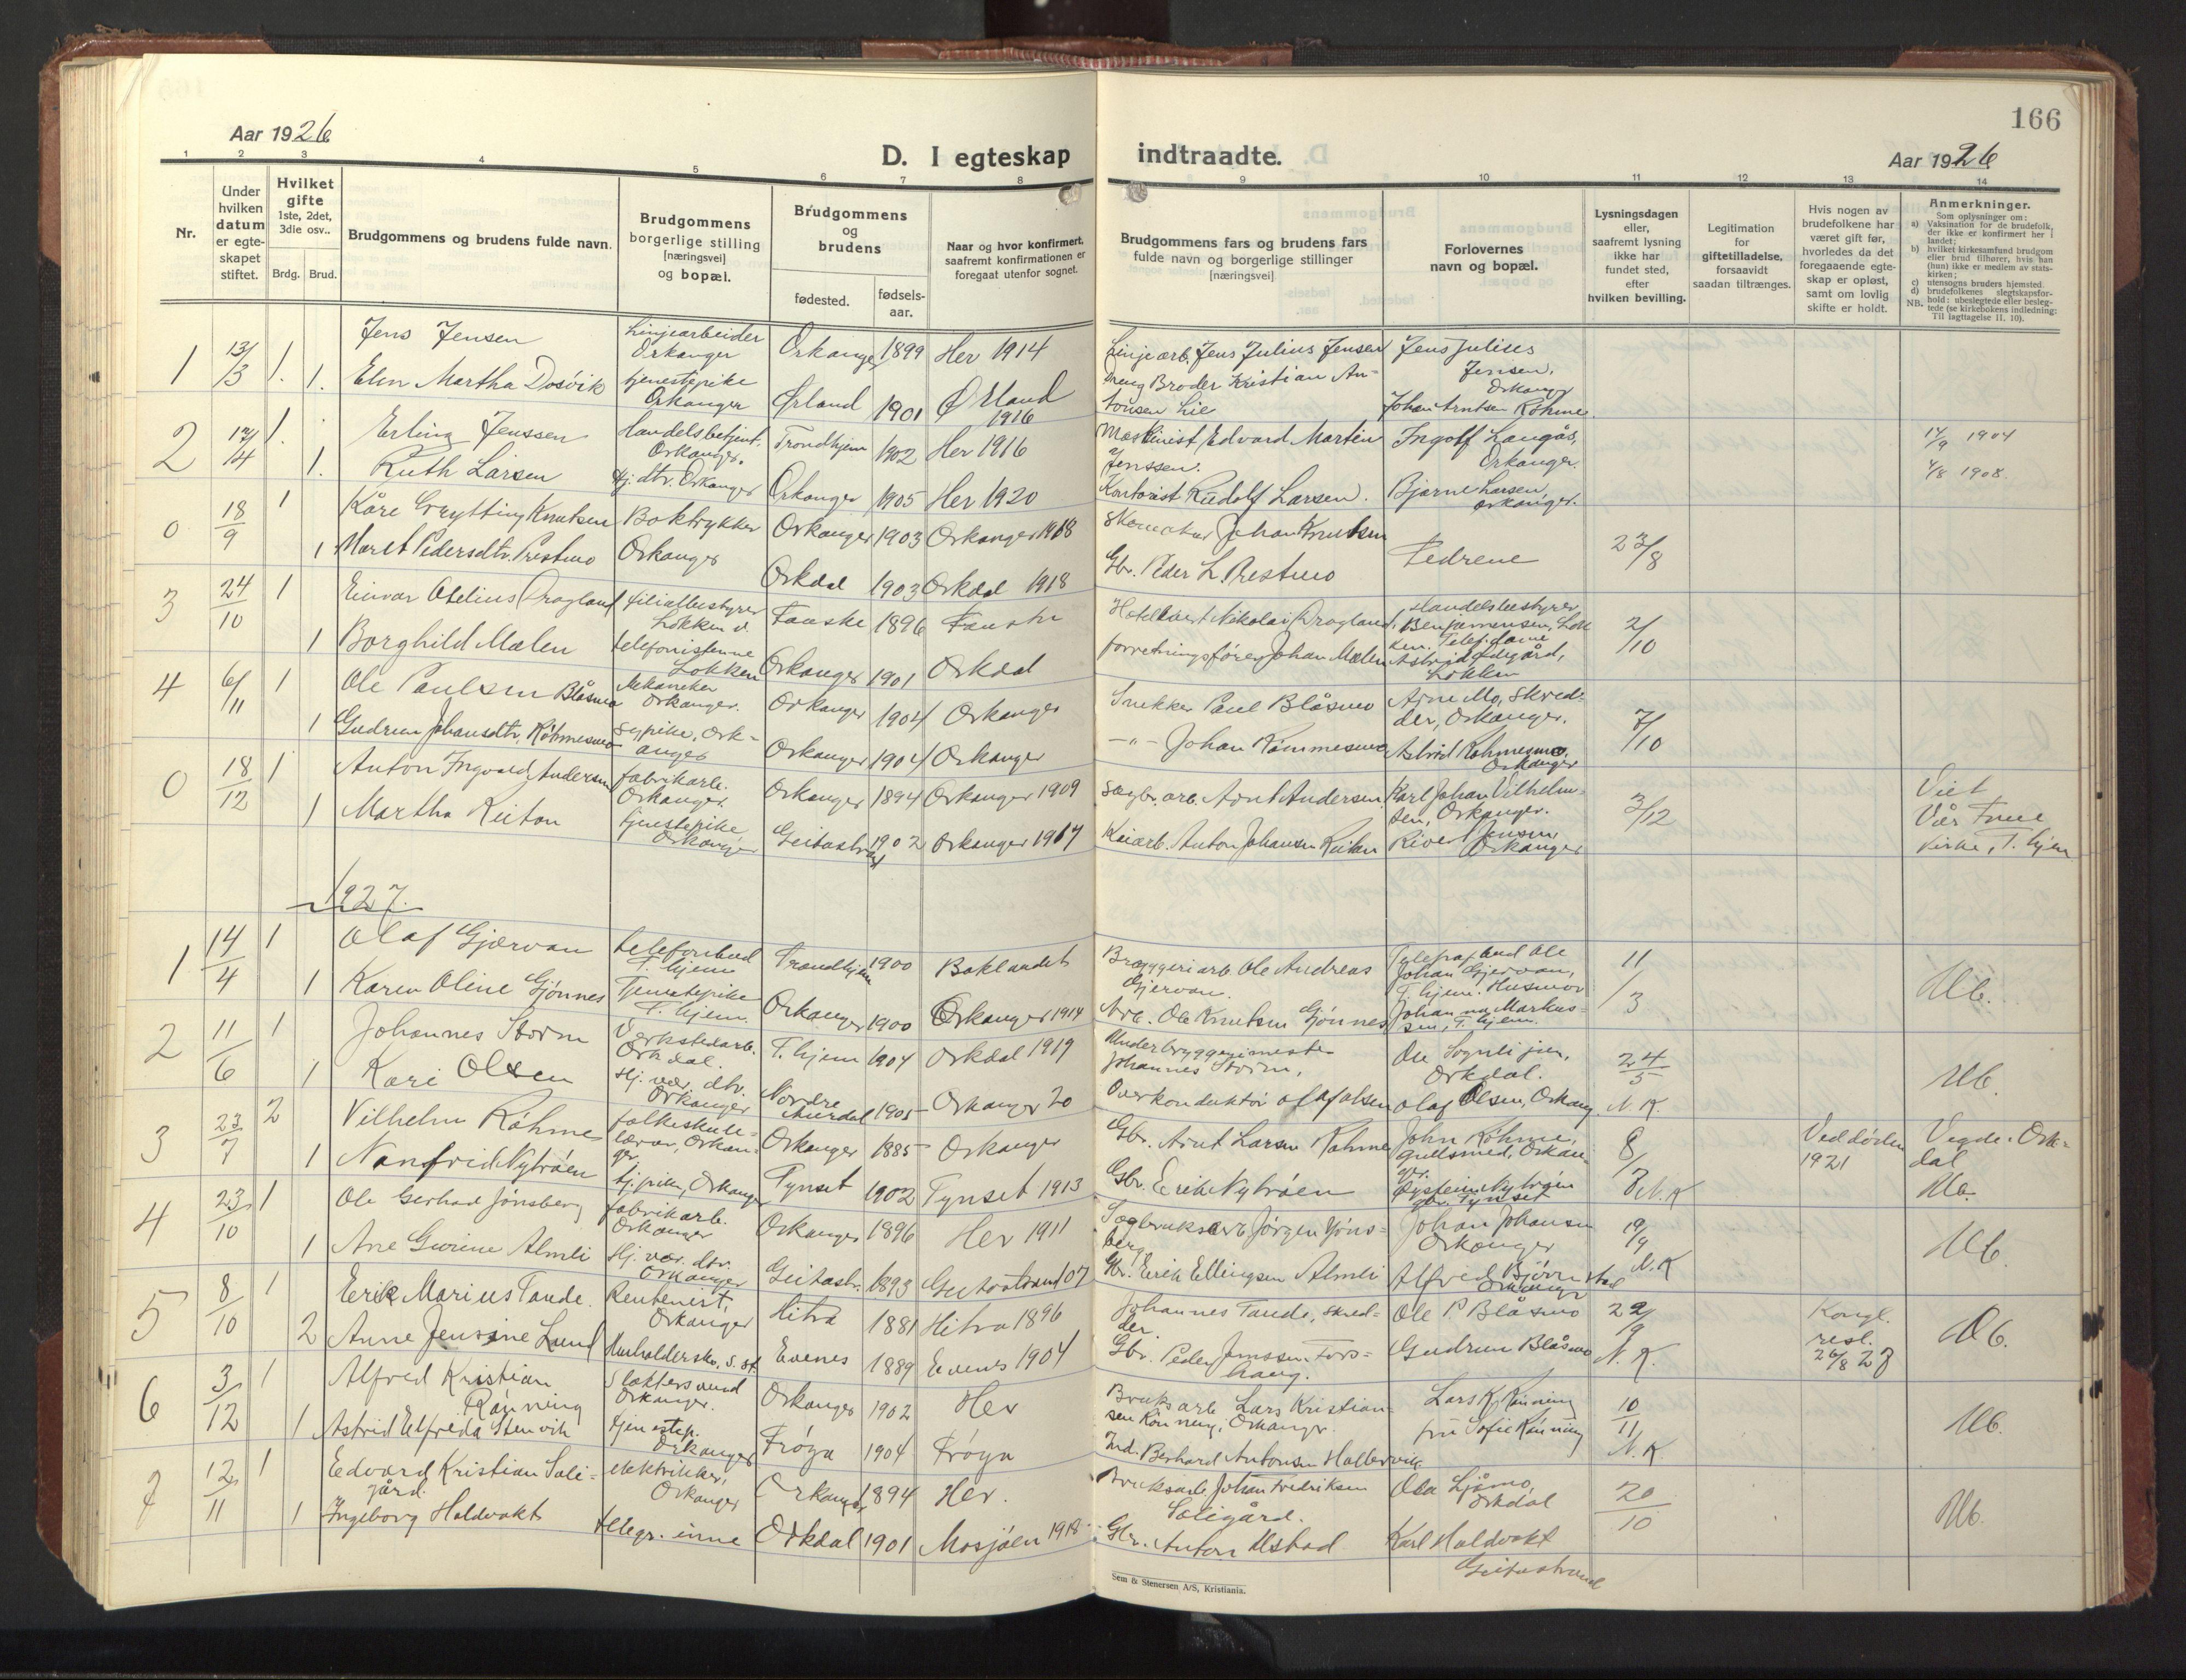 SAT, Ministerialprotokoller, klokkerbøker og fødselsregistre - Sør-Trøndelag, 669/L0832: Klokkerbok nr. 669C02, 1925-1953, s. 166